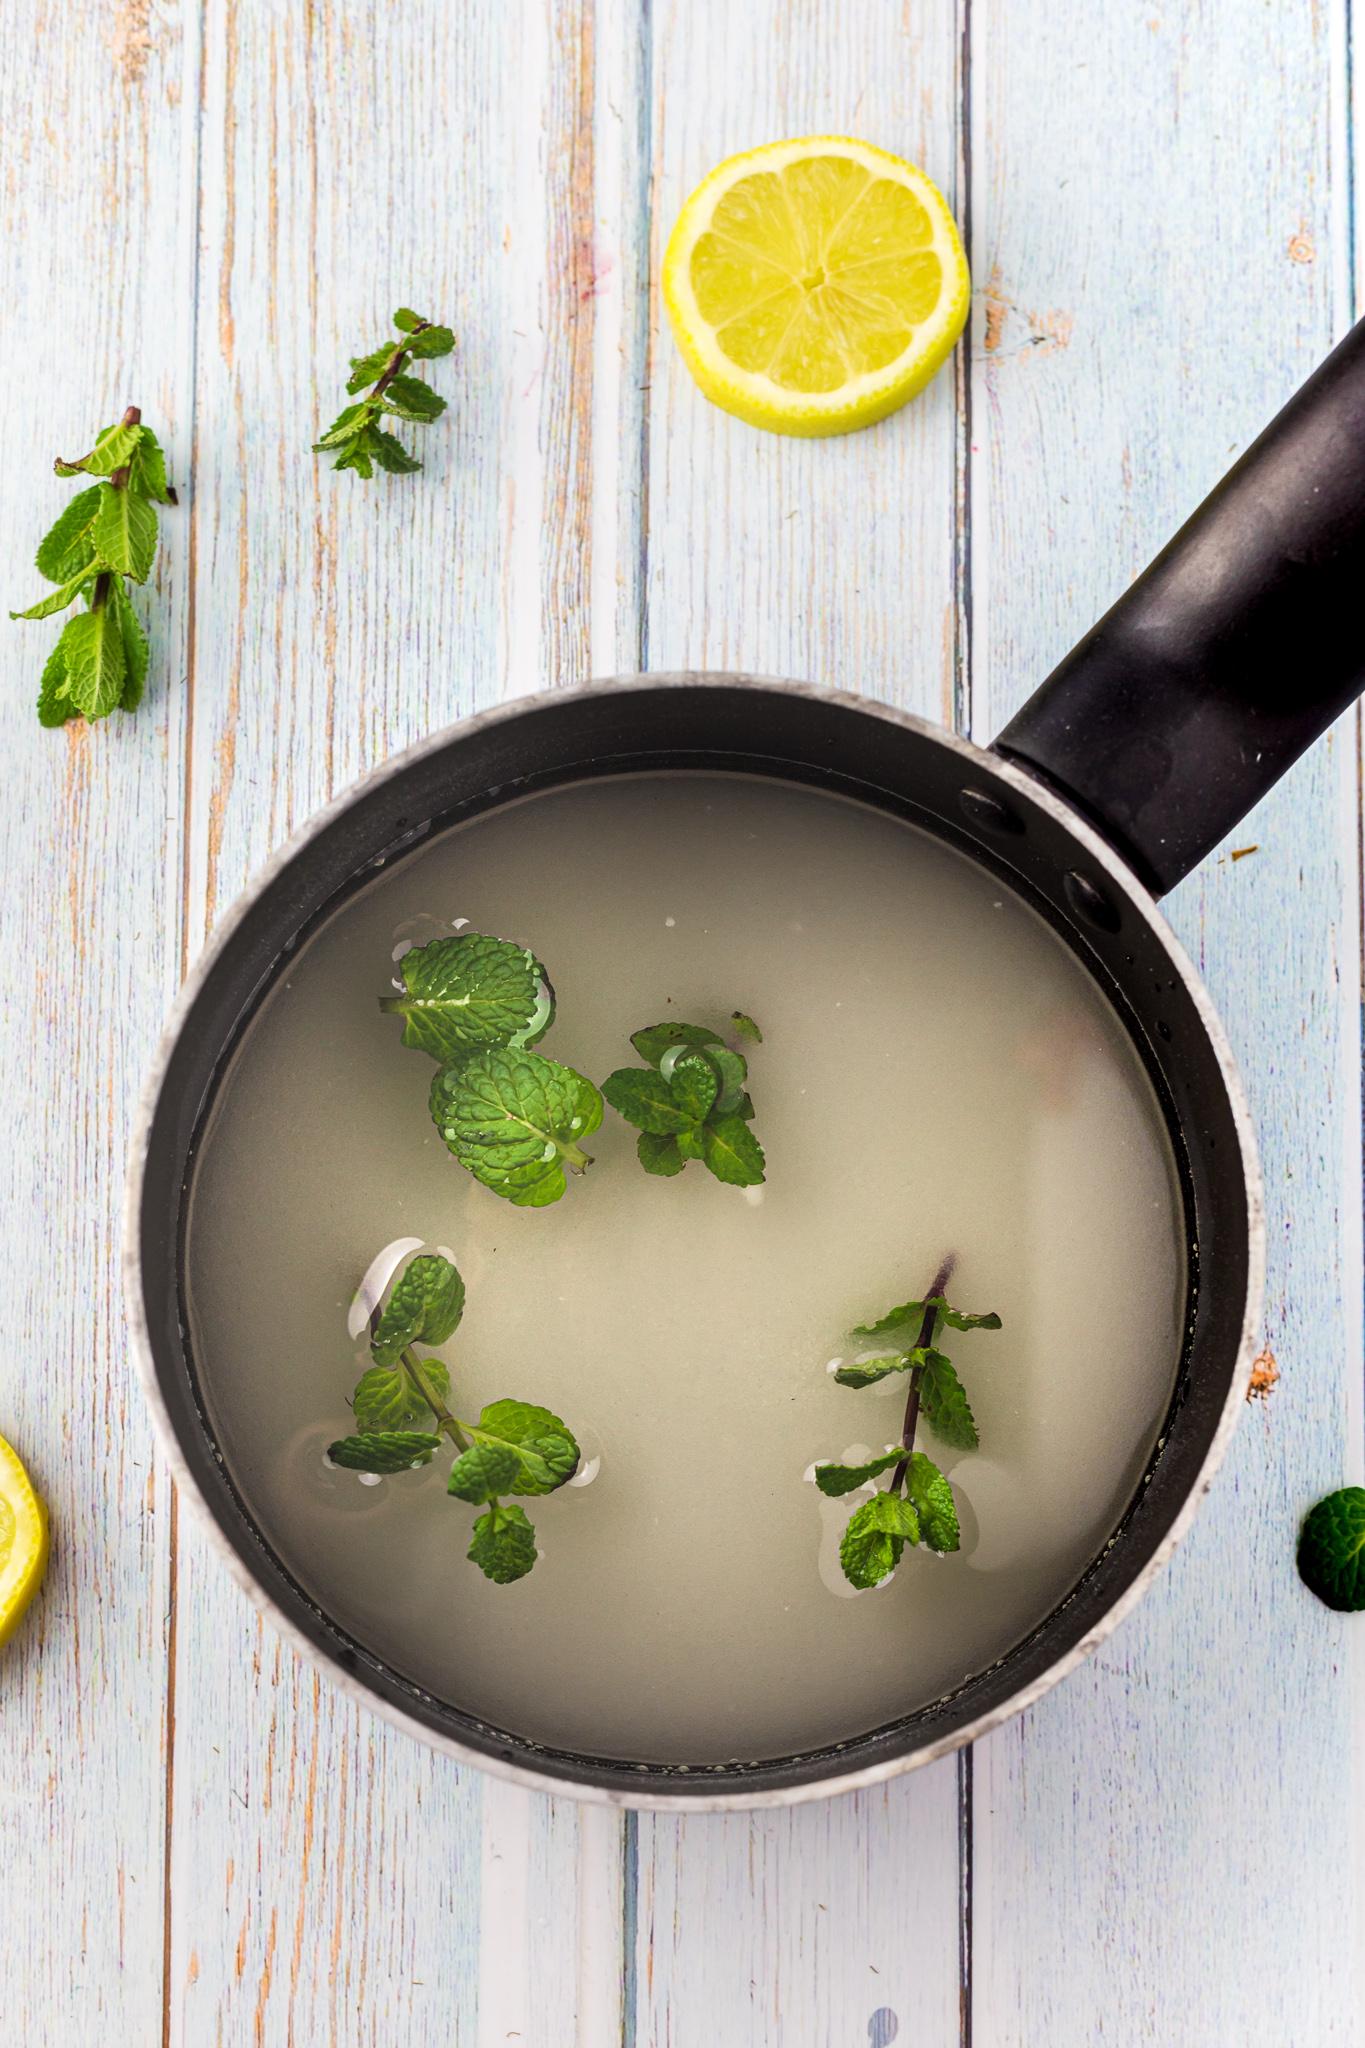 how to make sparkling lemonade